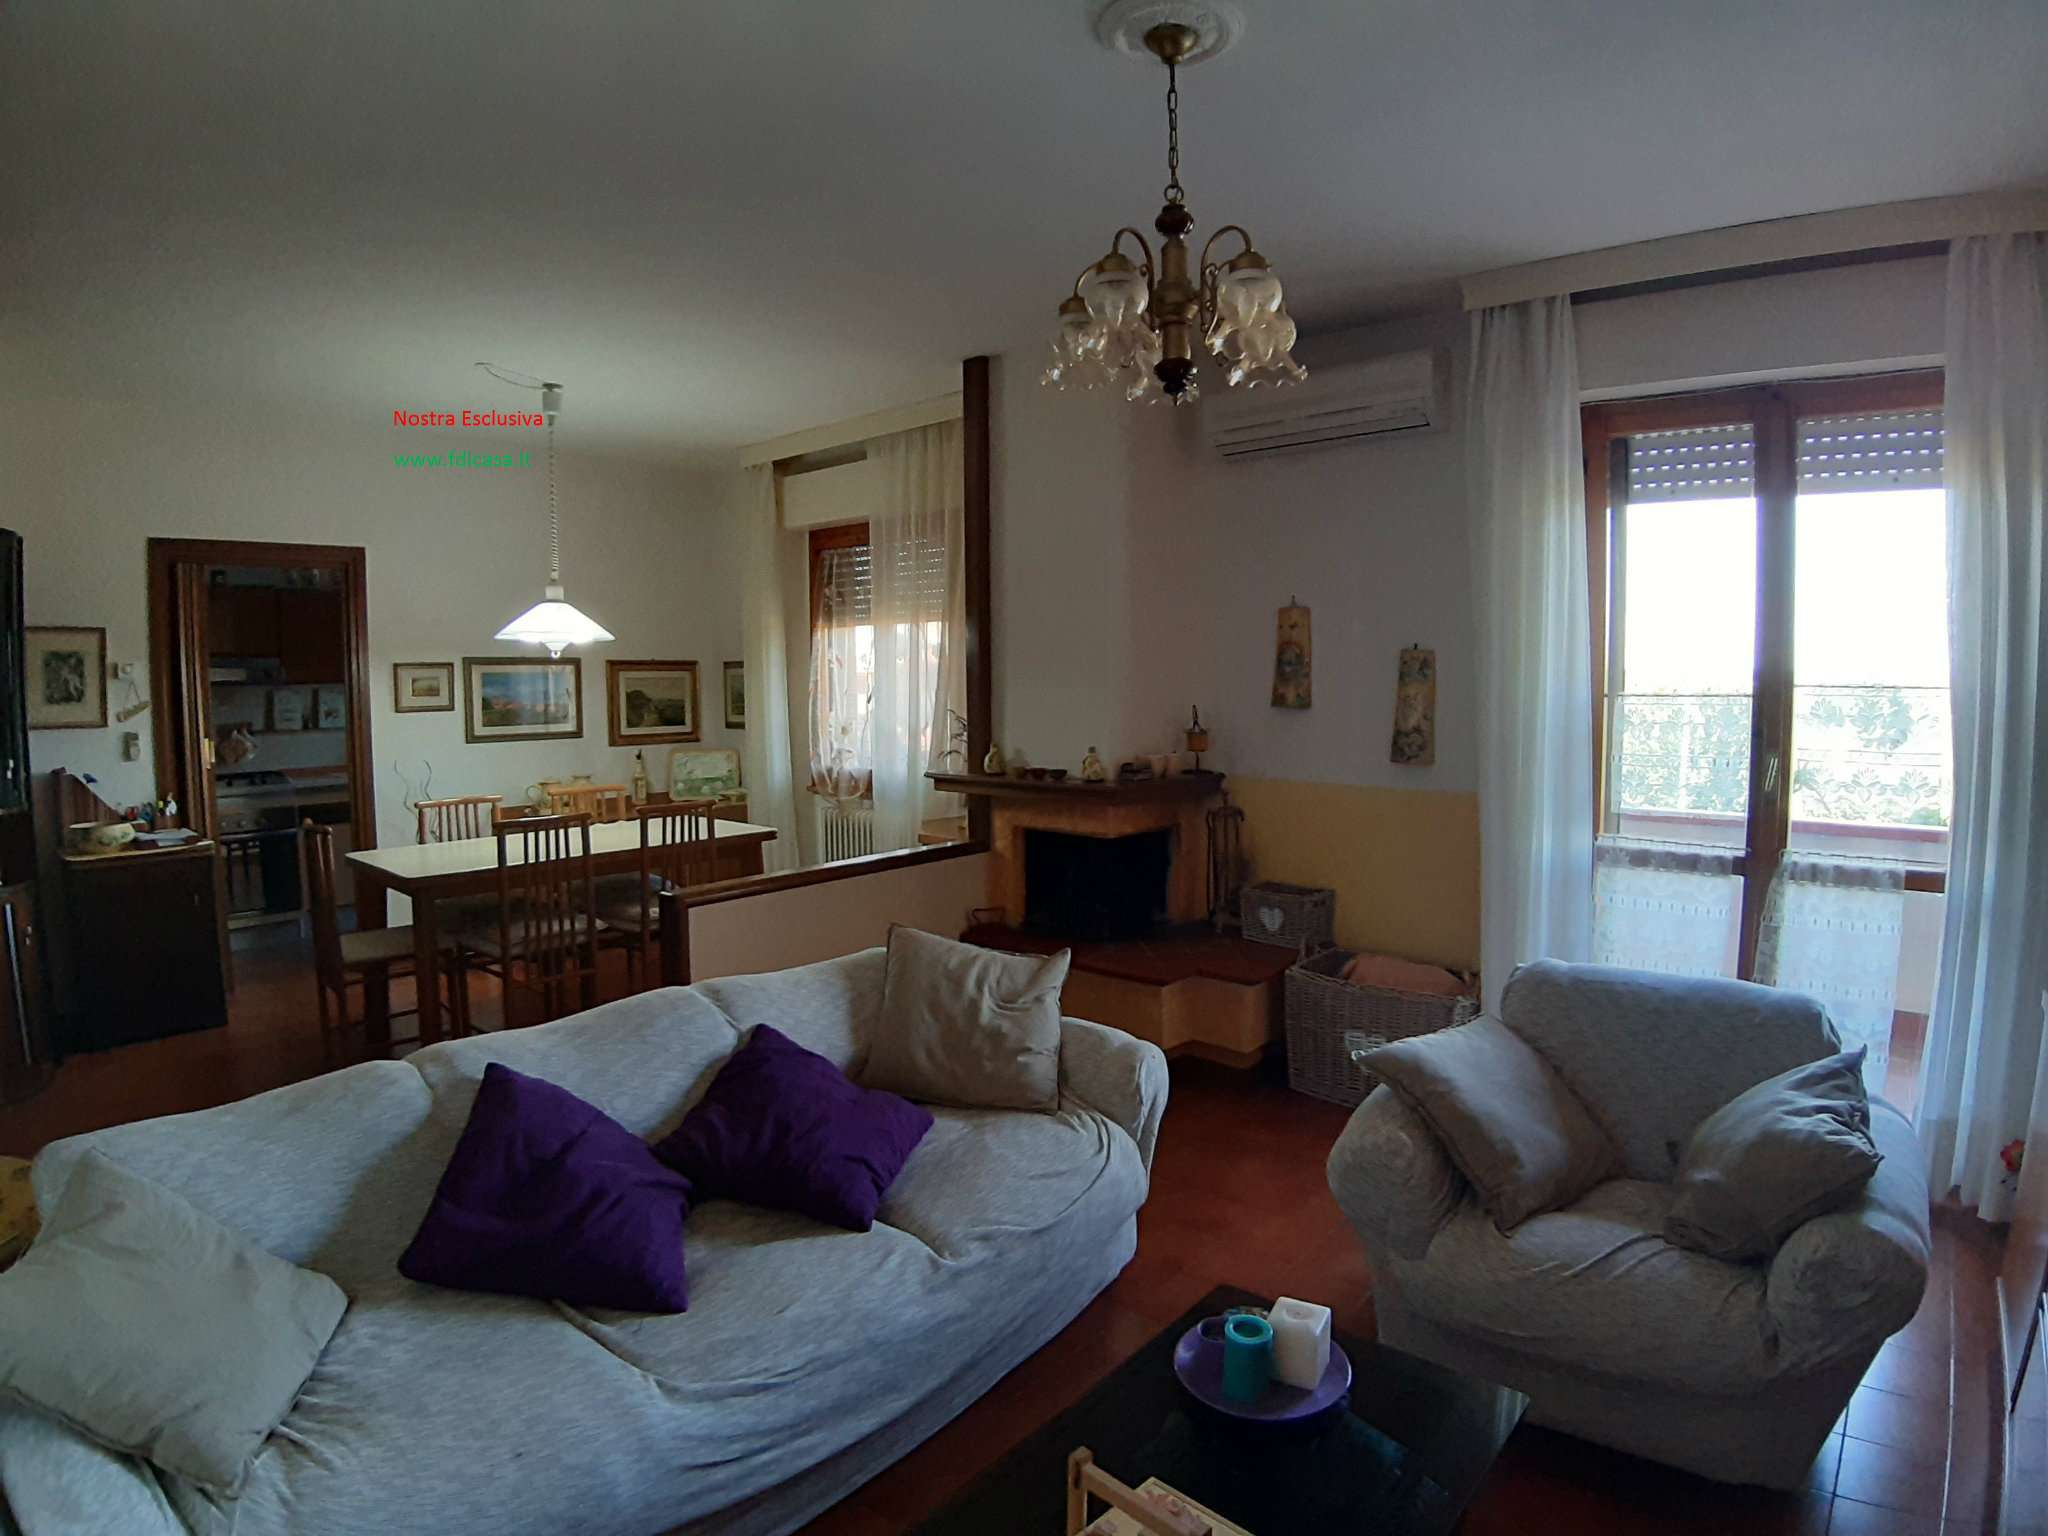 Appartamento in vendita a Casciana Terme Lari, 4 locali, prezzo € 96.000 | PortaleAgenzieImmobiliari.it